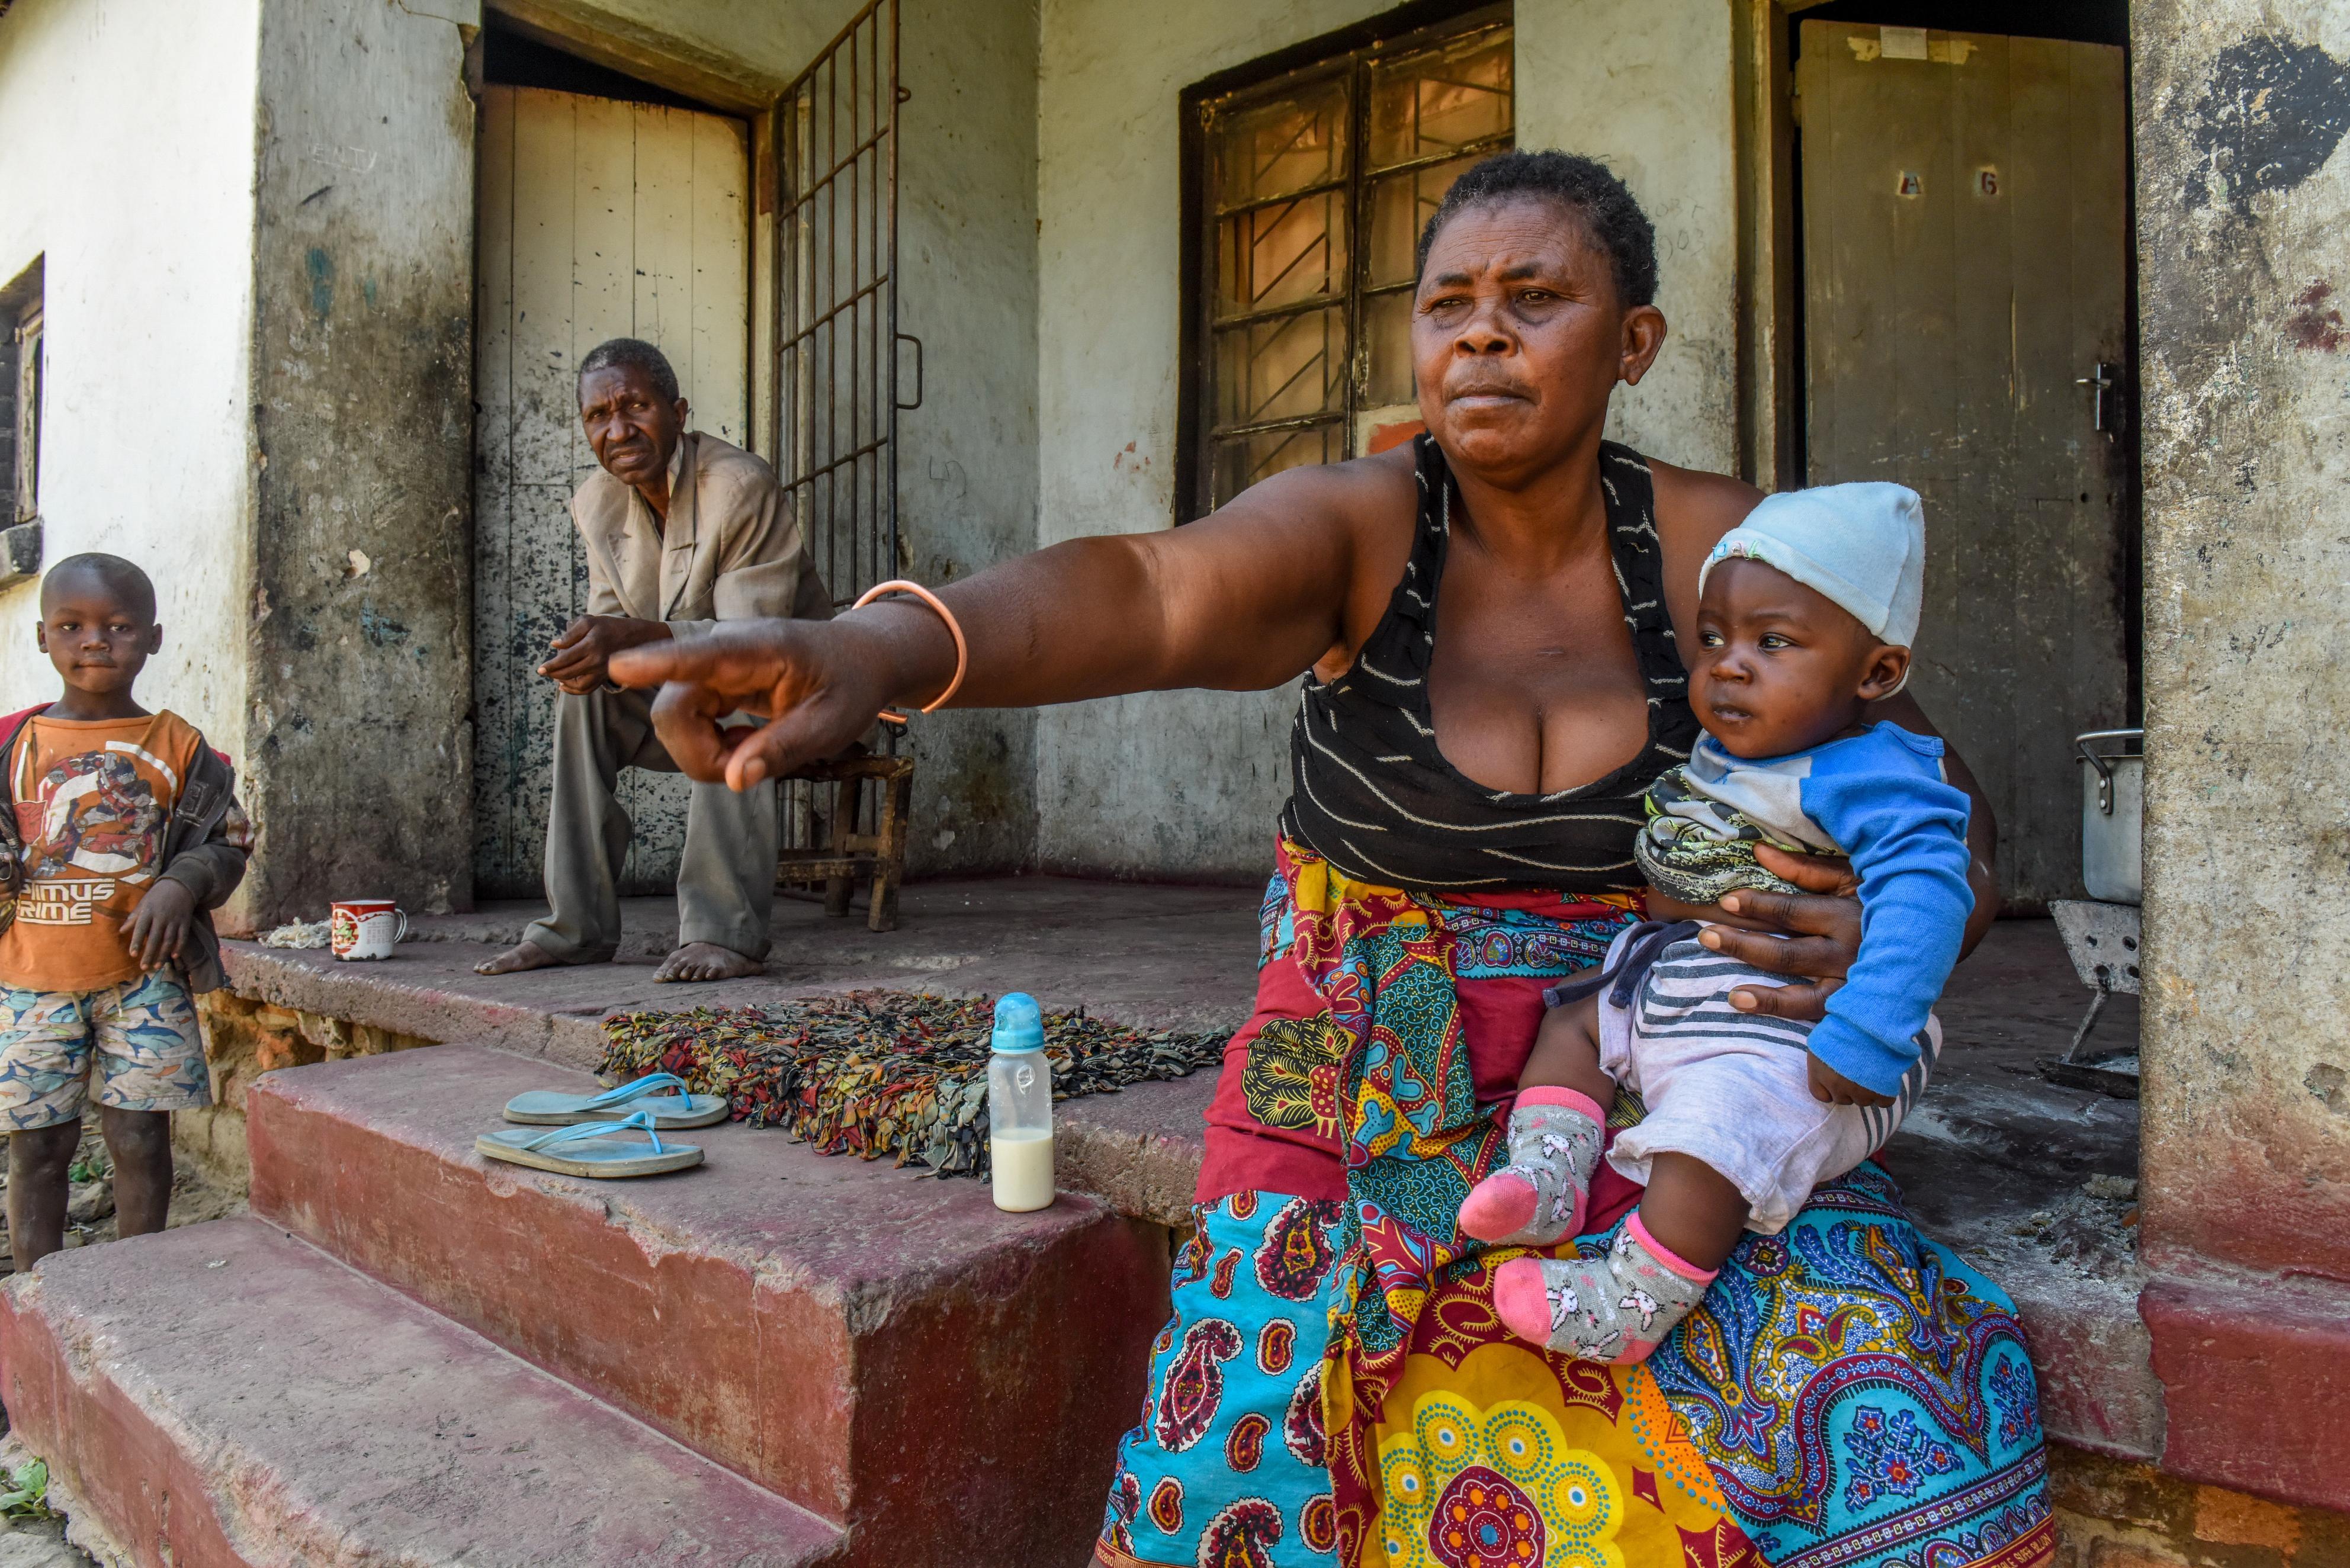 生まれたばかりの孫をひざに「すぐそこの土地が鉛で汚染されている」と指さすマリー。夫バリー・ナヒール(奥)は孫たちへの影響が気にかかると訴えた=8月、ザンビア・カブウェ(共同)